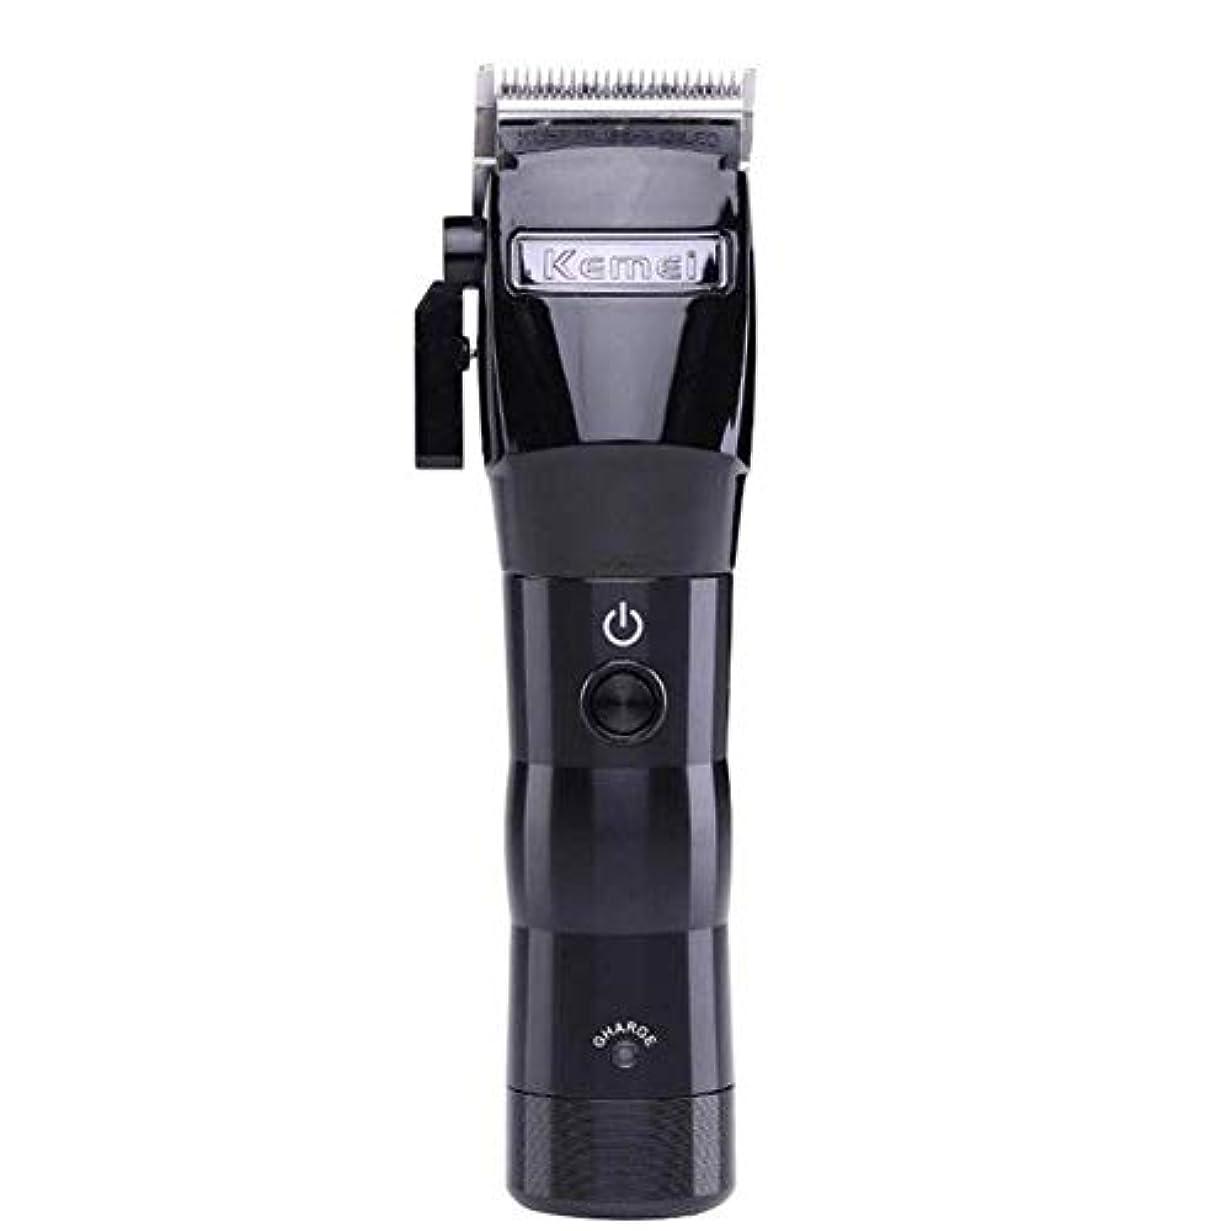 バリカン男性メンズ電気ワイヤレスバリカントリマー強力な充電式プロフェッショナル美容鋏メンズホームバリカン